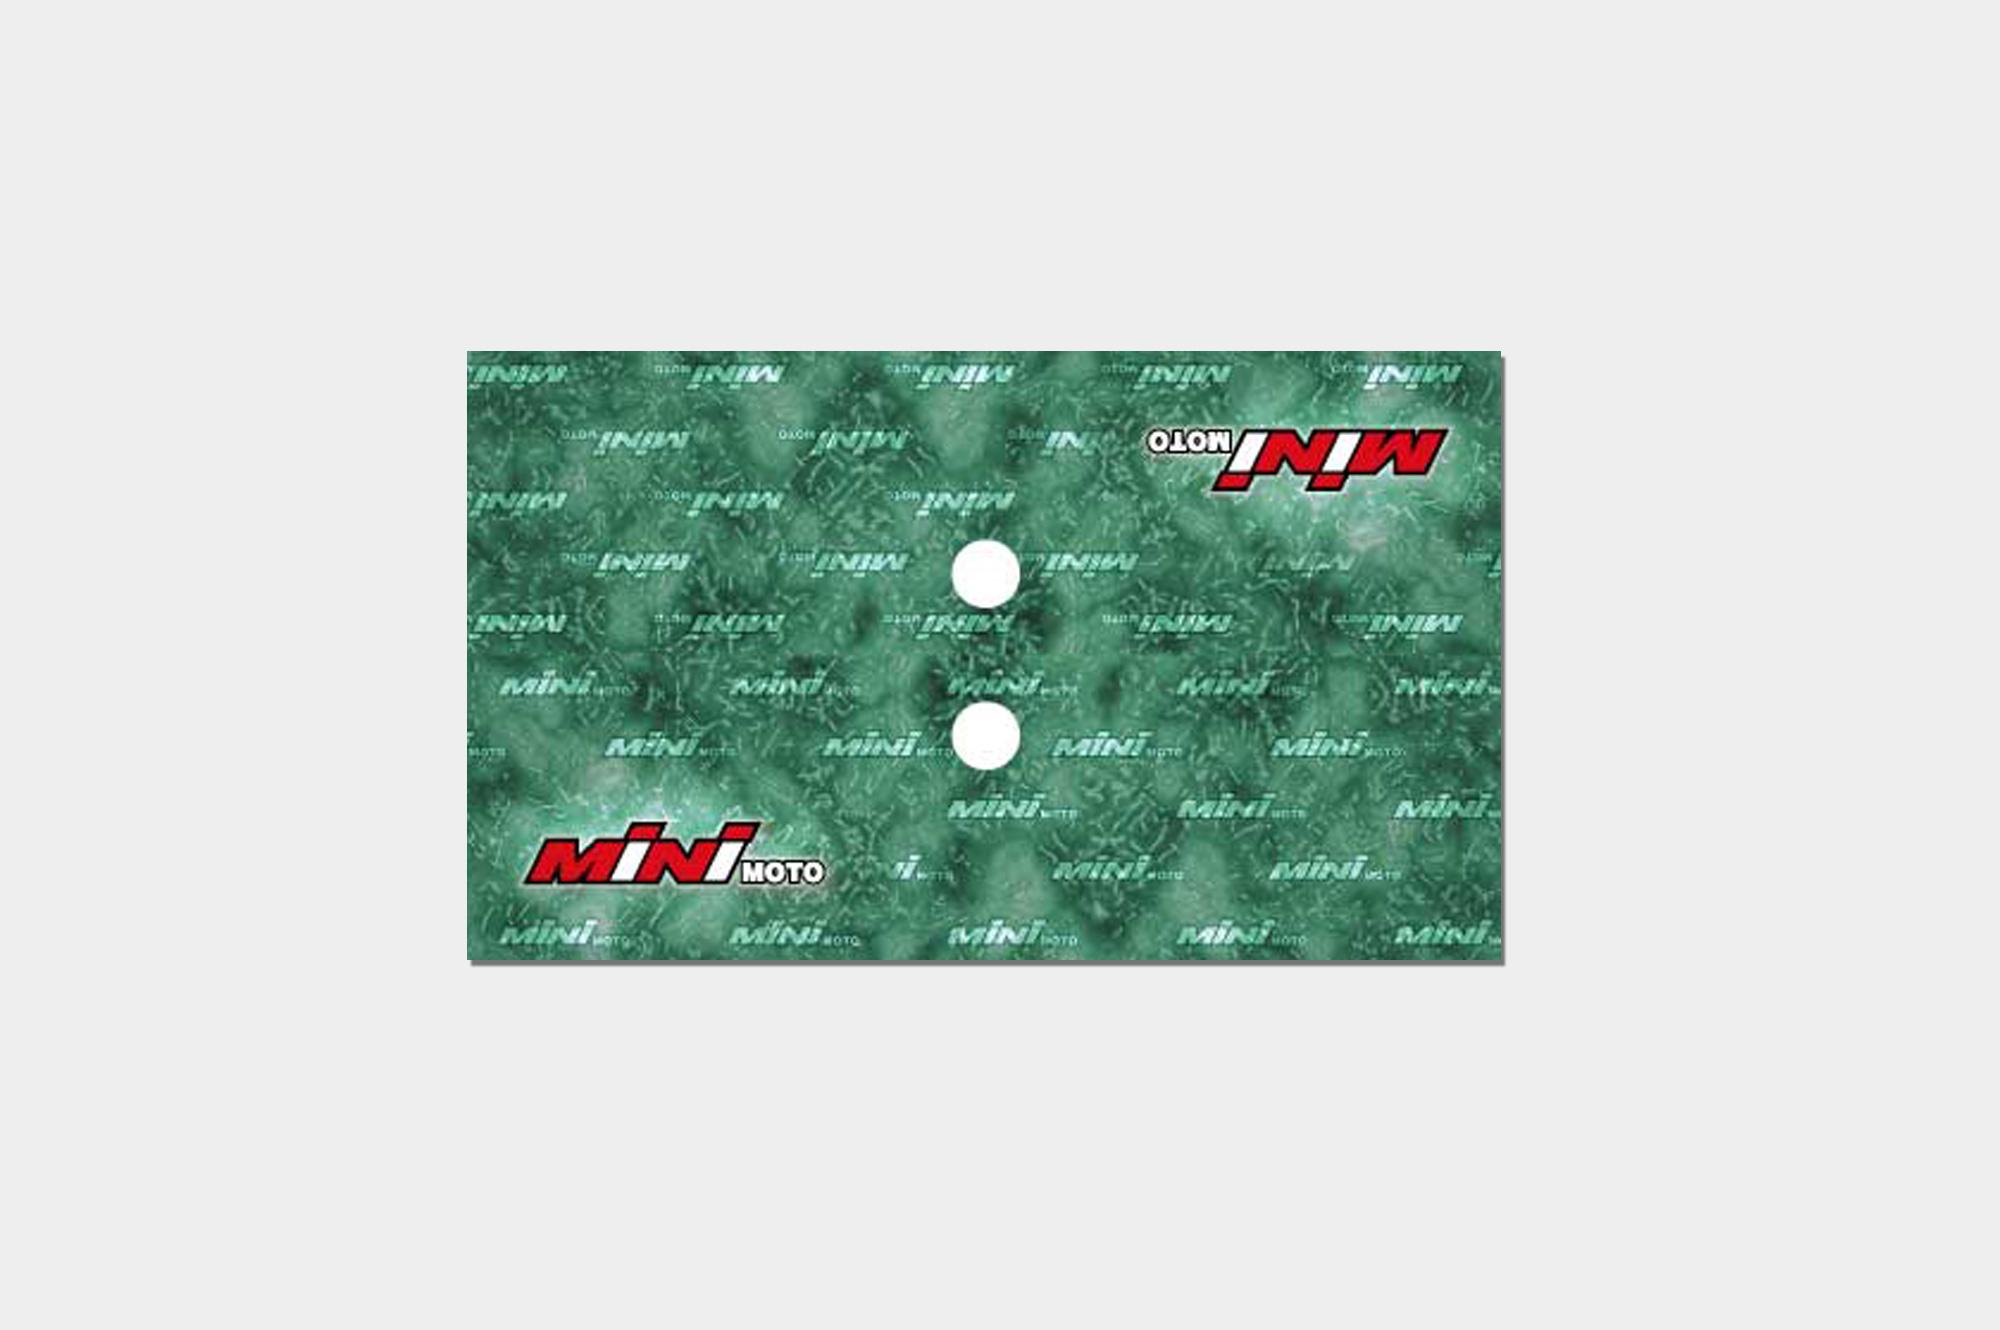 ブリスタカード(商品吊り下げカード)minimoto様